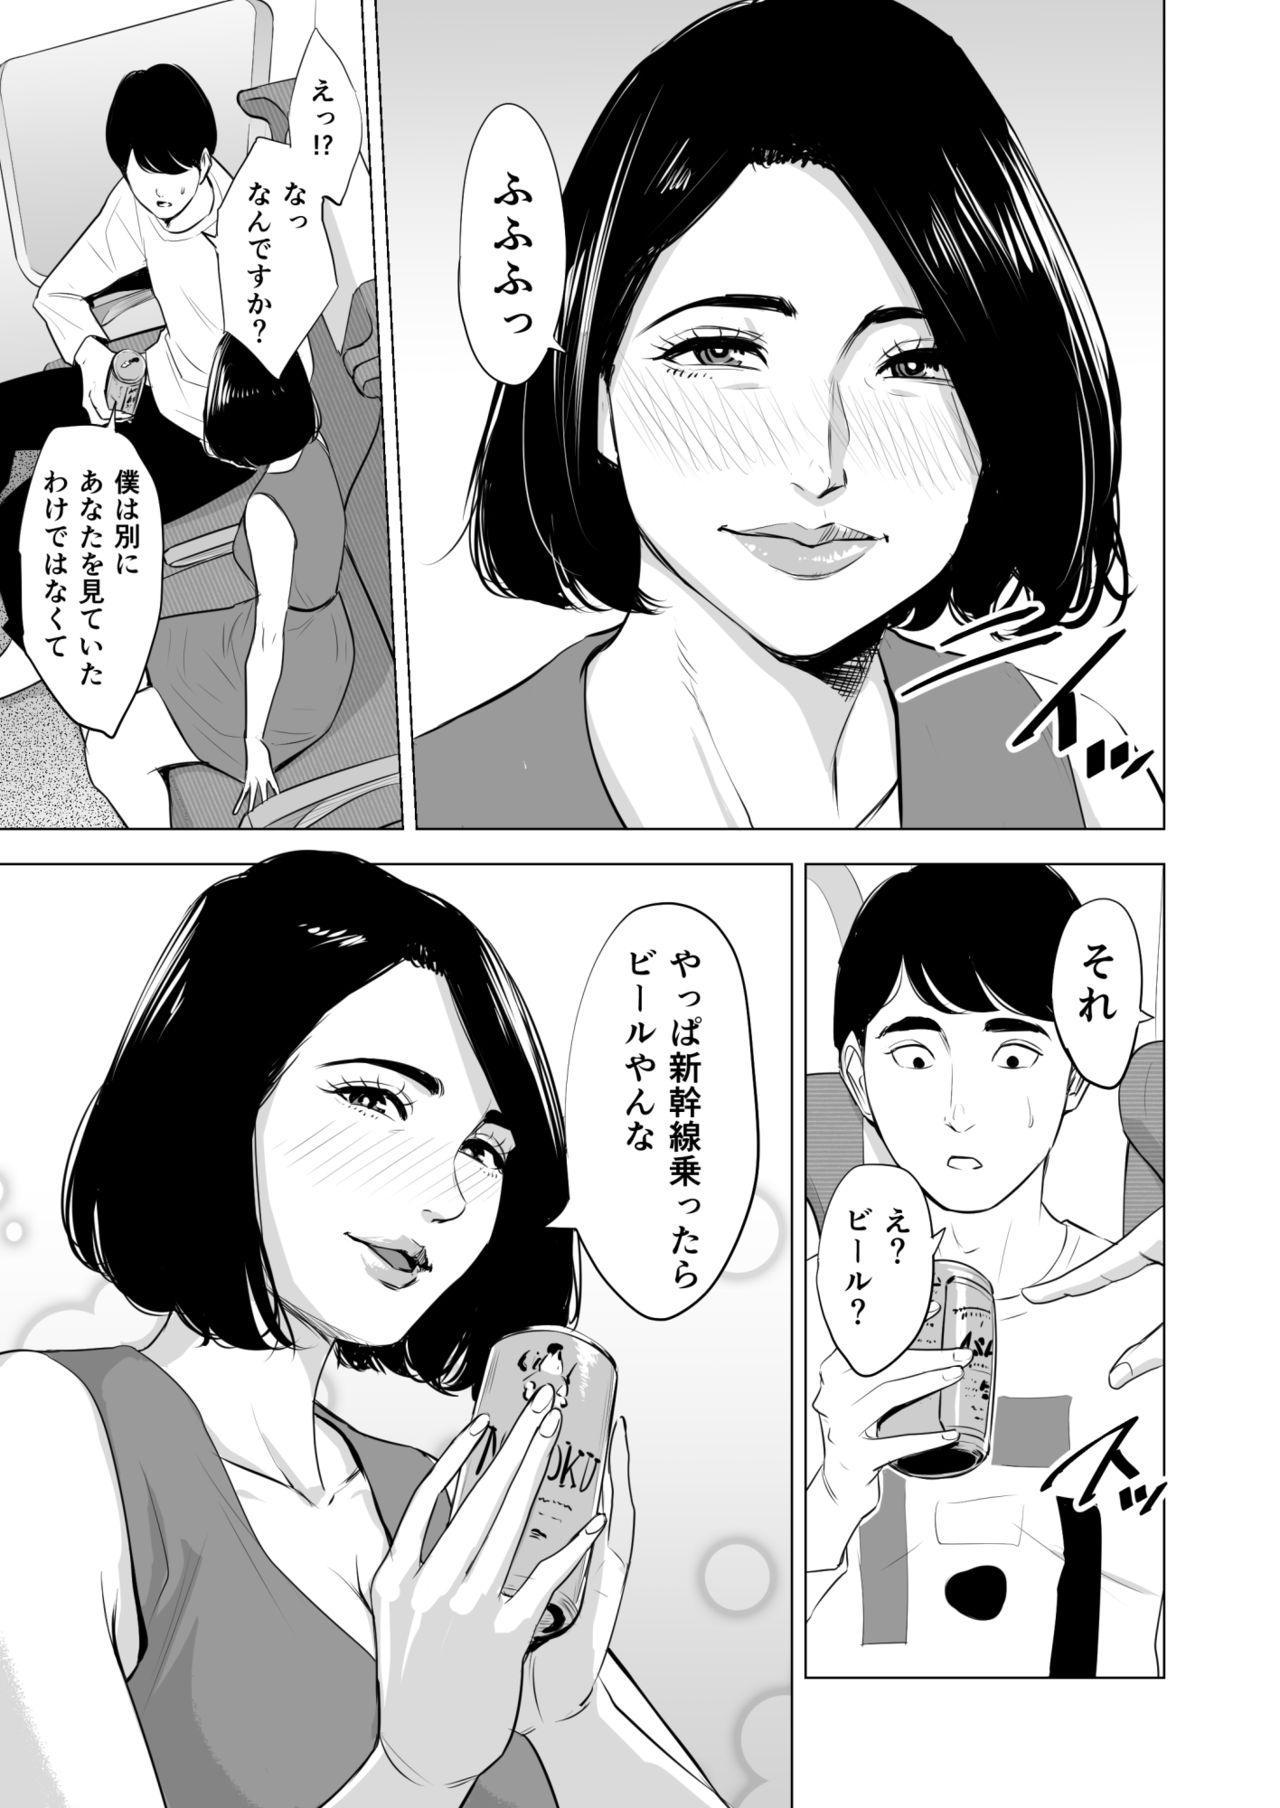 Shinkansen de Nani shiteru!? 6